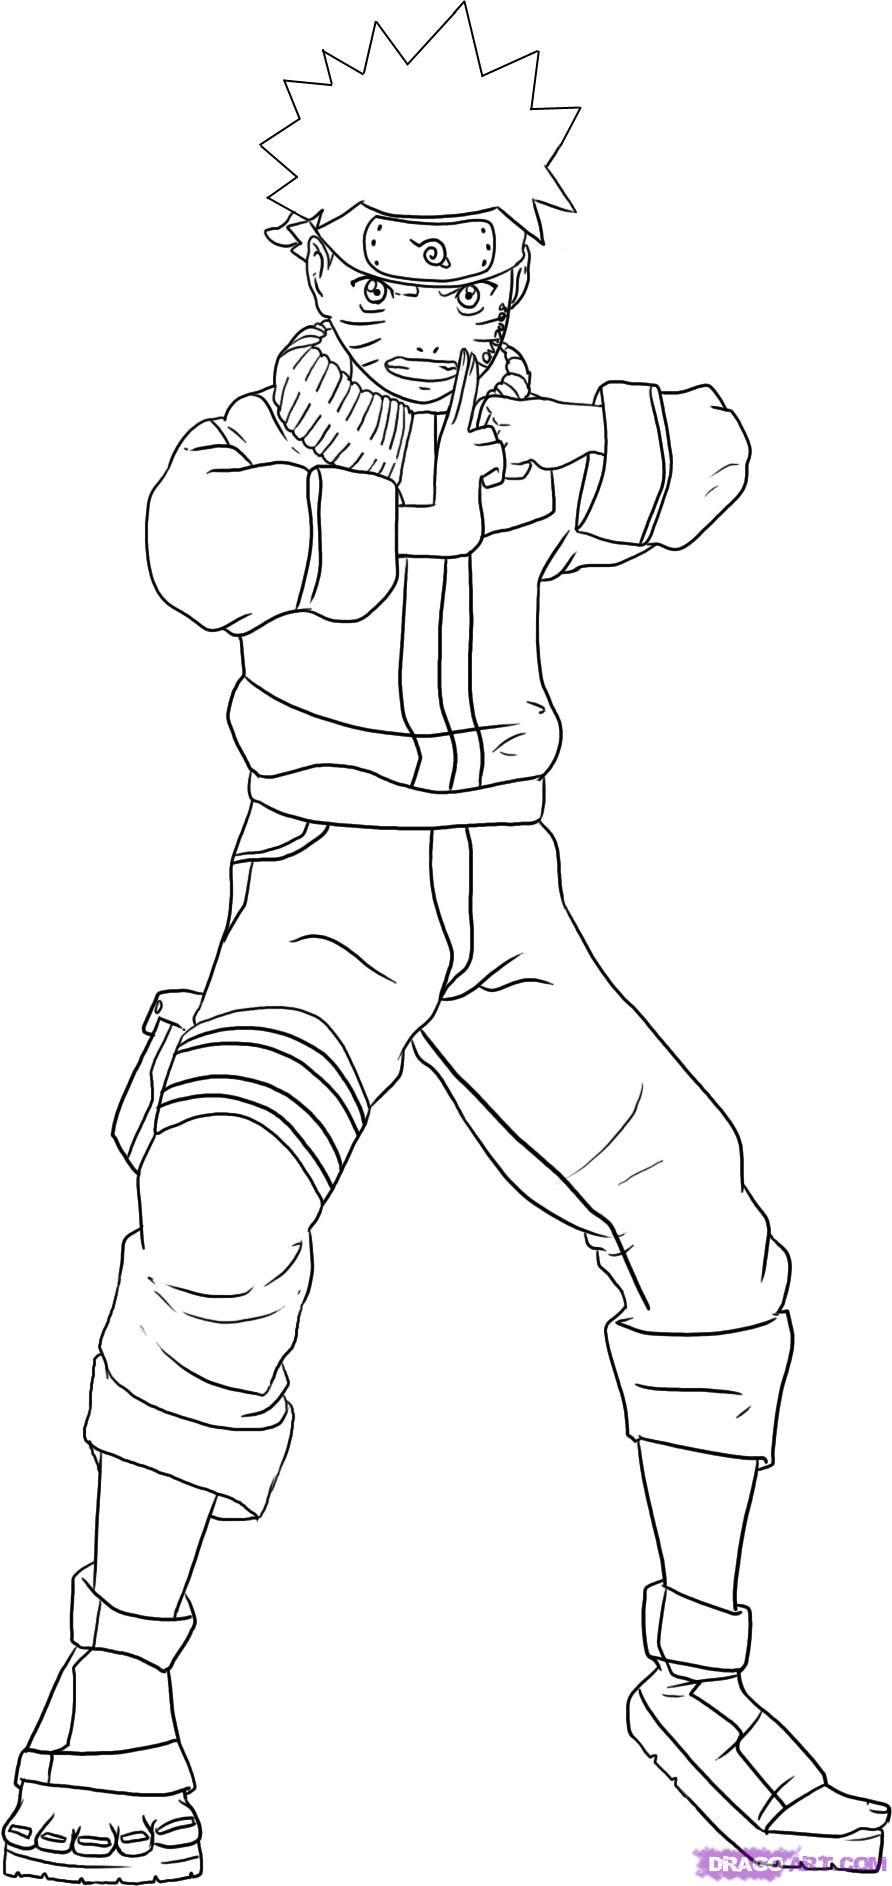 Drawn naruto simple #10